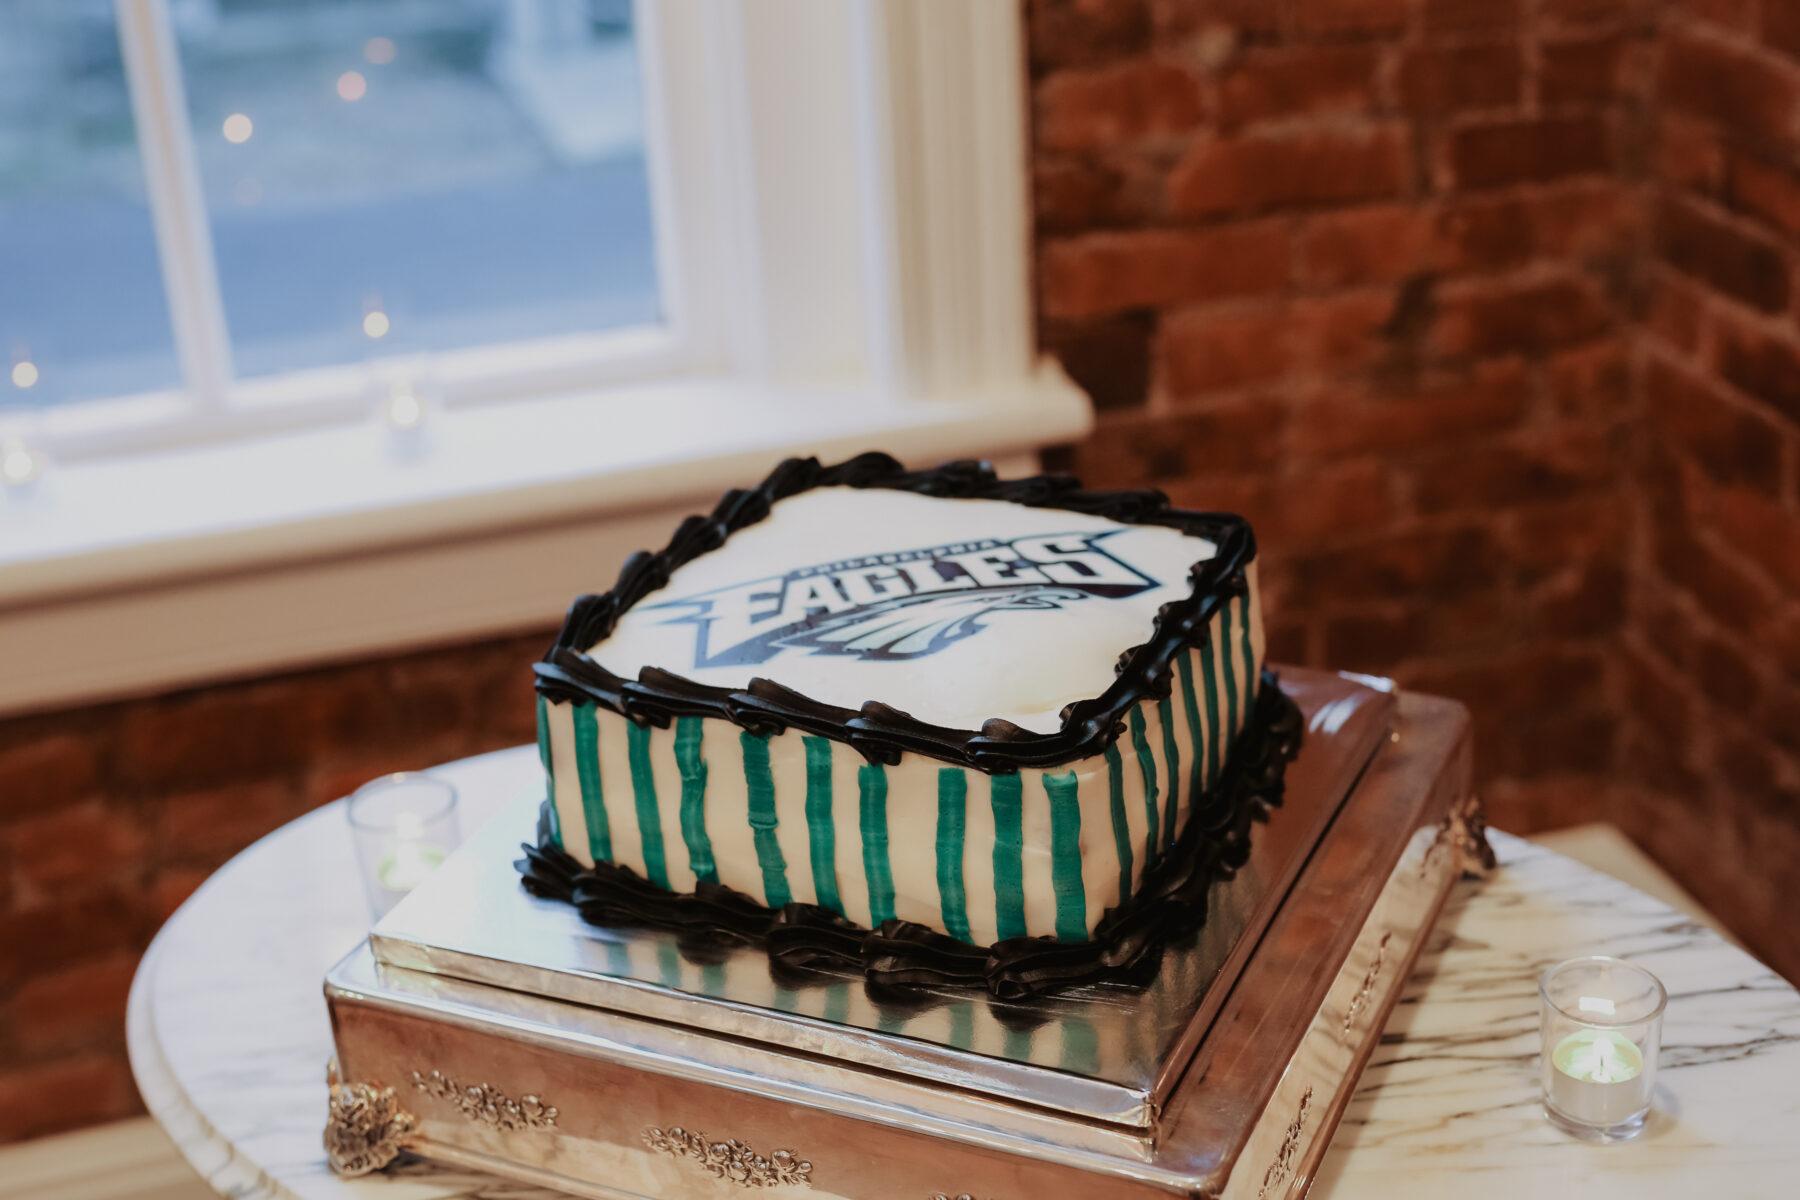 Philadelphia Eagles groom's cake | Nashville Bride Guide